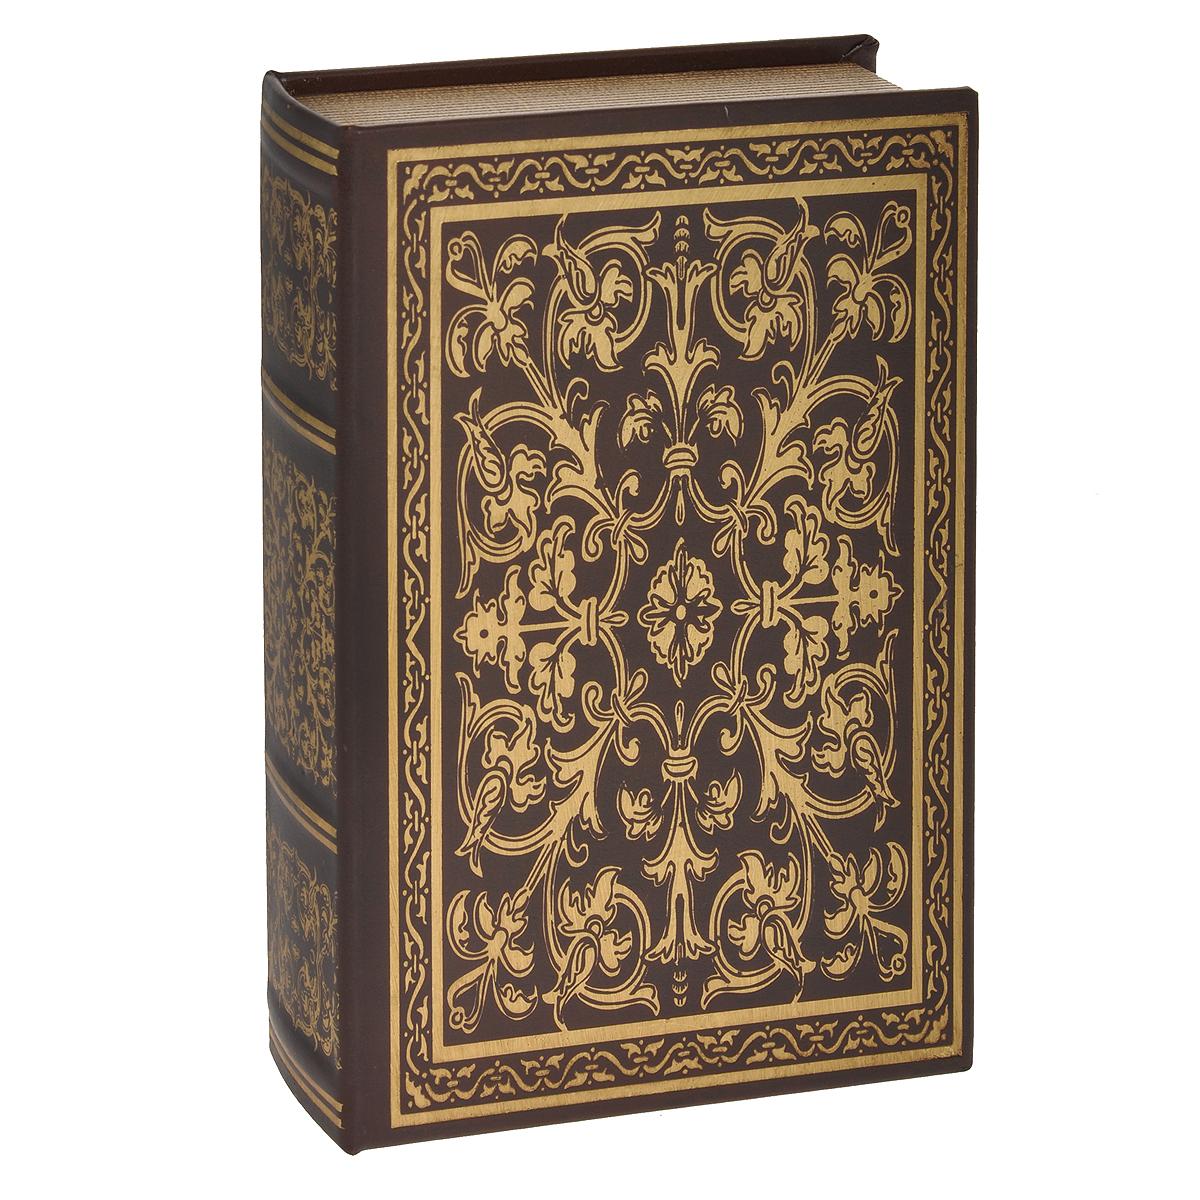 Шкатулка-фолиант Книга Соломона, цвет: коричневый, 21 см х 12 см х 4,5 см. 184159184159Шкатулка-фолиант Книга Соломона выполнена в виде старинной книги. Оригинальное оформление шкатулки, несомненно, привлечет к себе внимание. Поверхность шкатулки-фолианта выполнена из кожзаменителя и оформлена золотистым тиснением. Внутри шкатулка отделана кожзаменителем. Такая шкатулка может использоваться для хранения бижутерии, в качестве украшения интерьера, а также послужит хорошим подарком для человека, ценящего практичные и оригинальные вещицы.